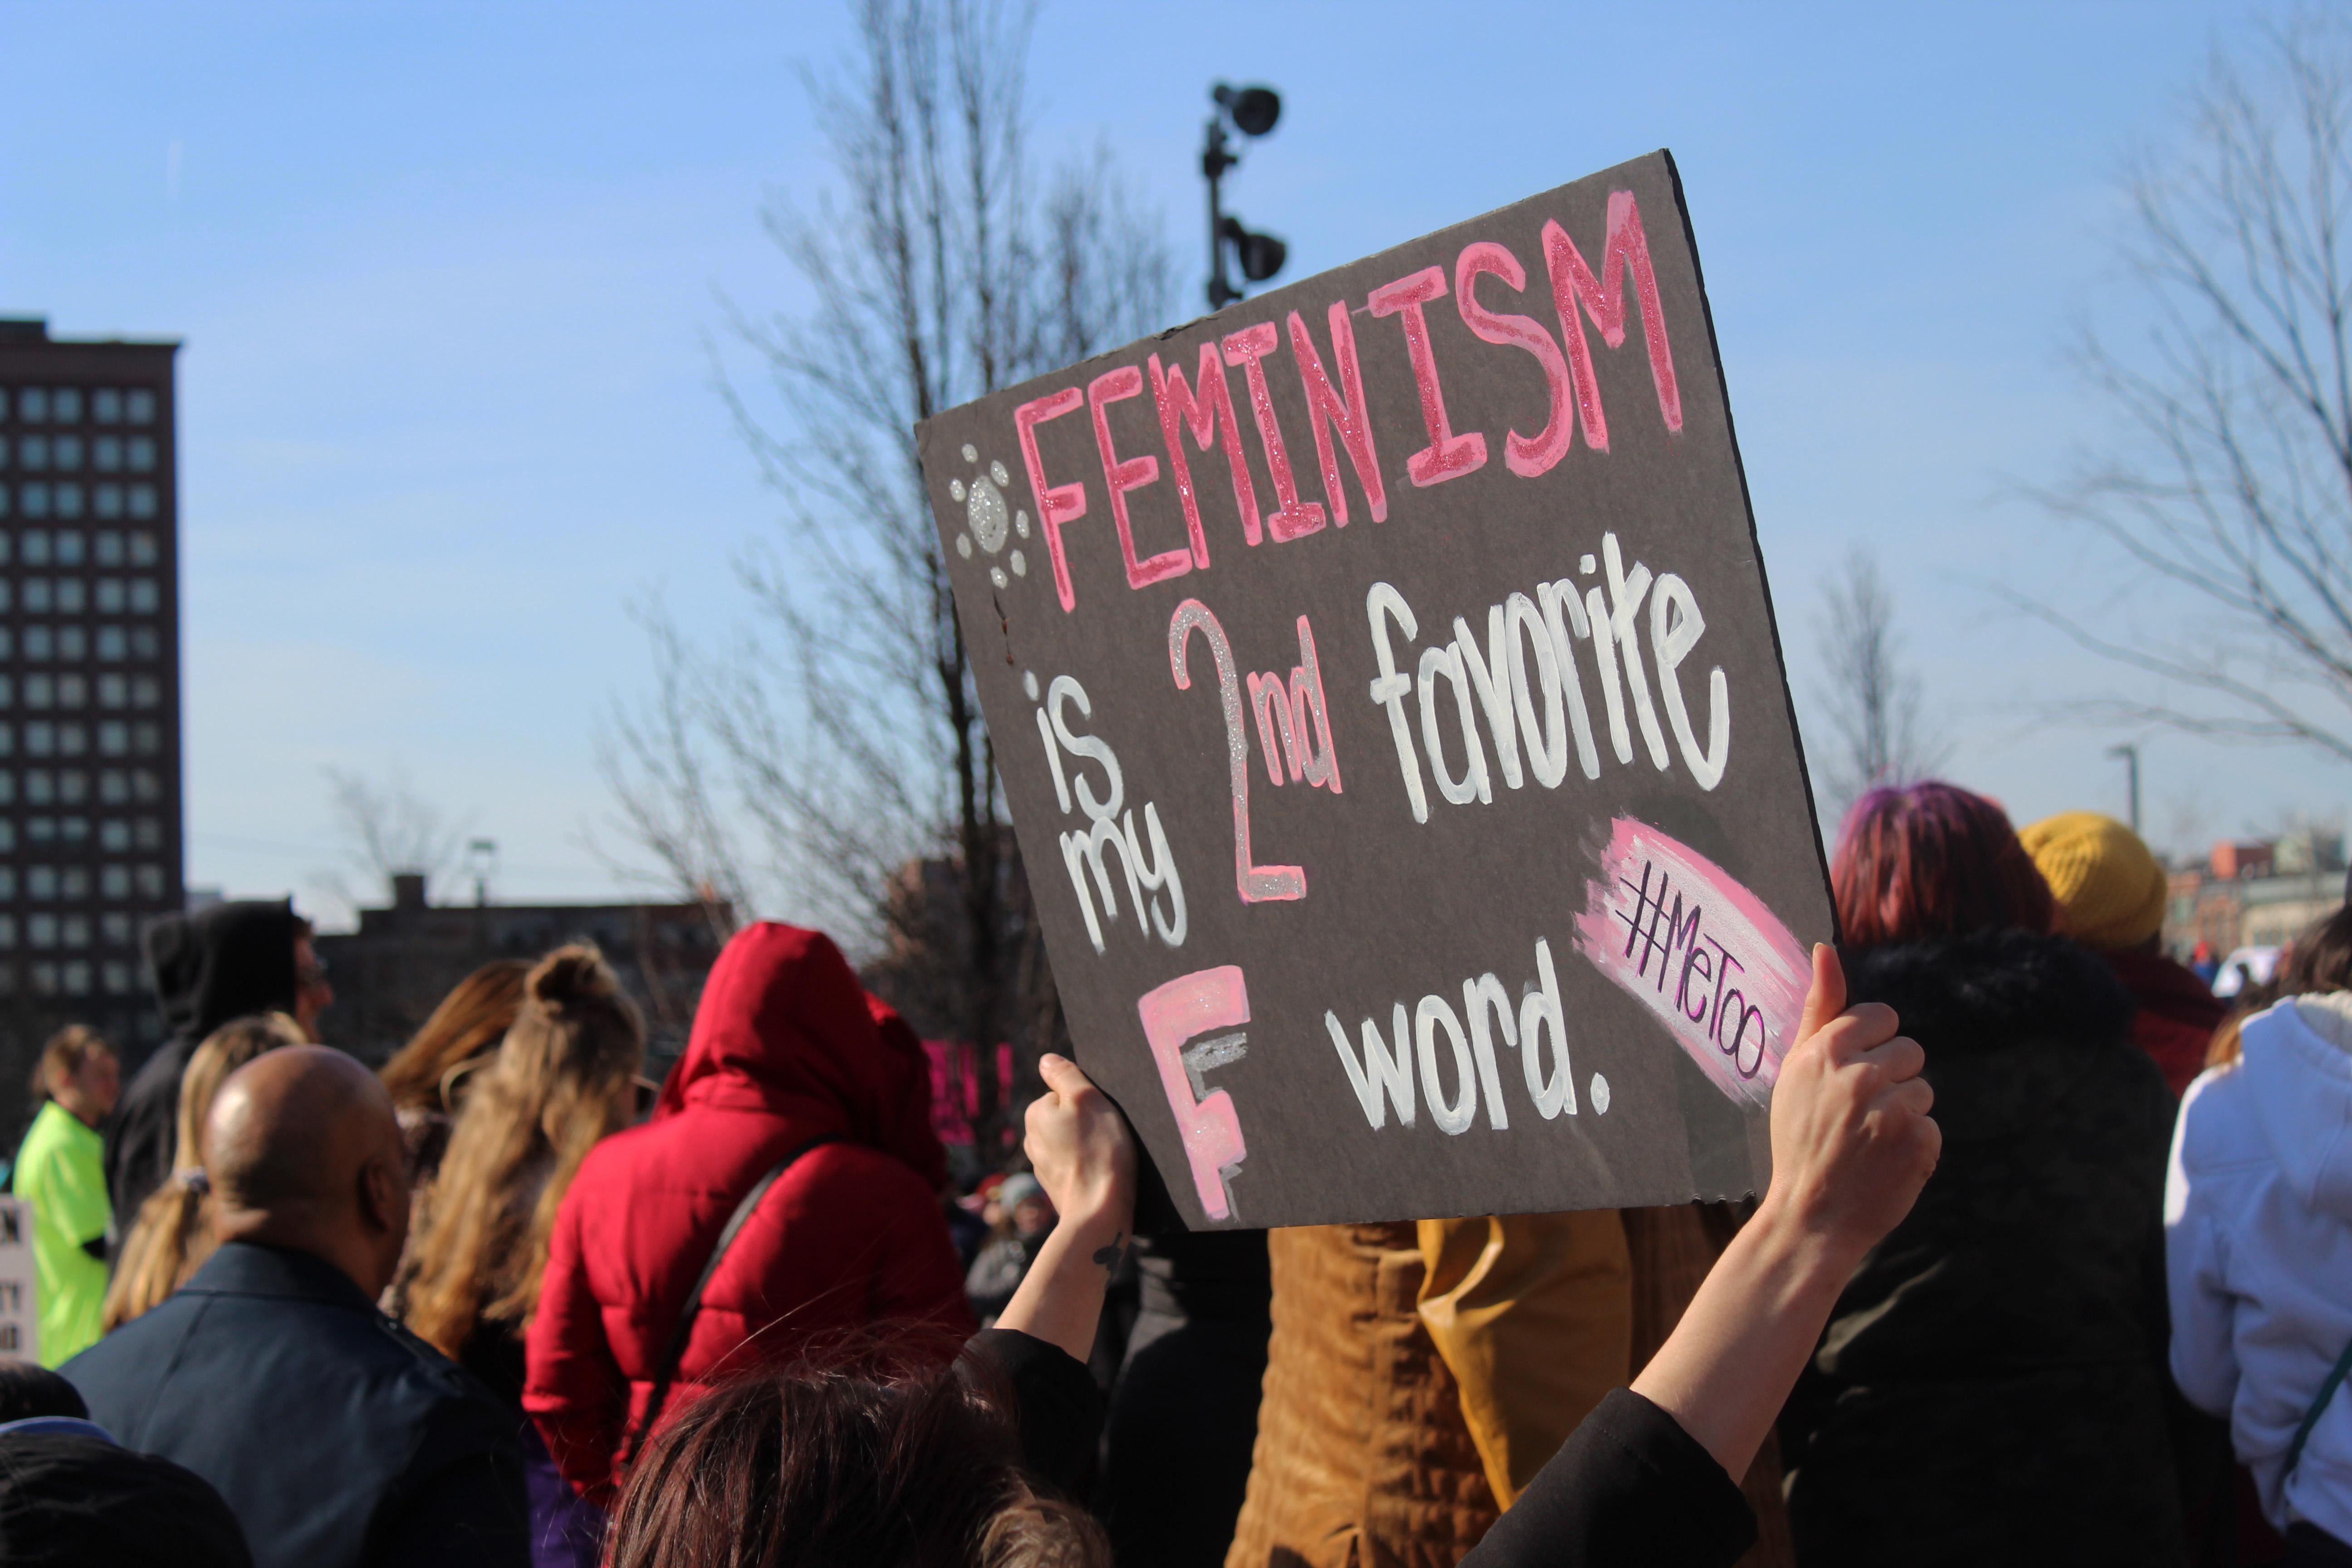 Women'sMarch1 by RachelGobep